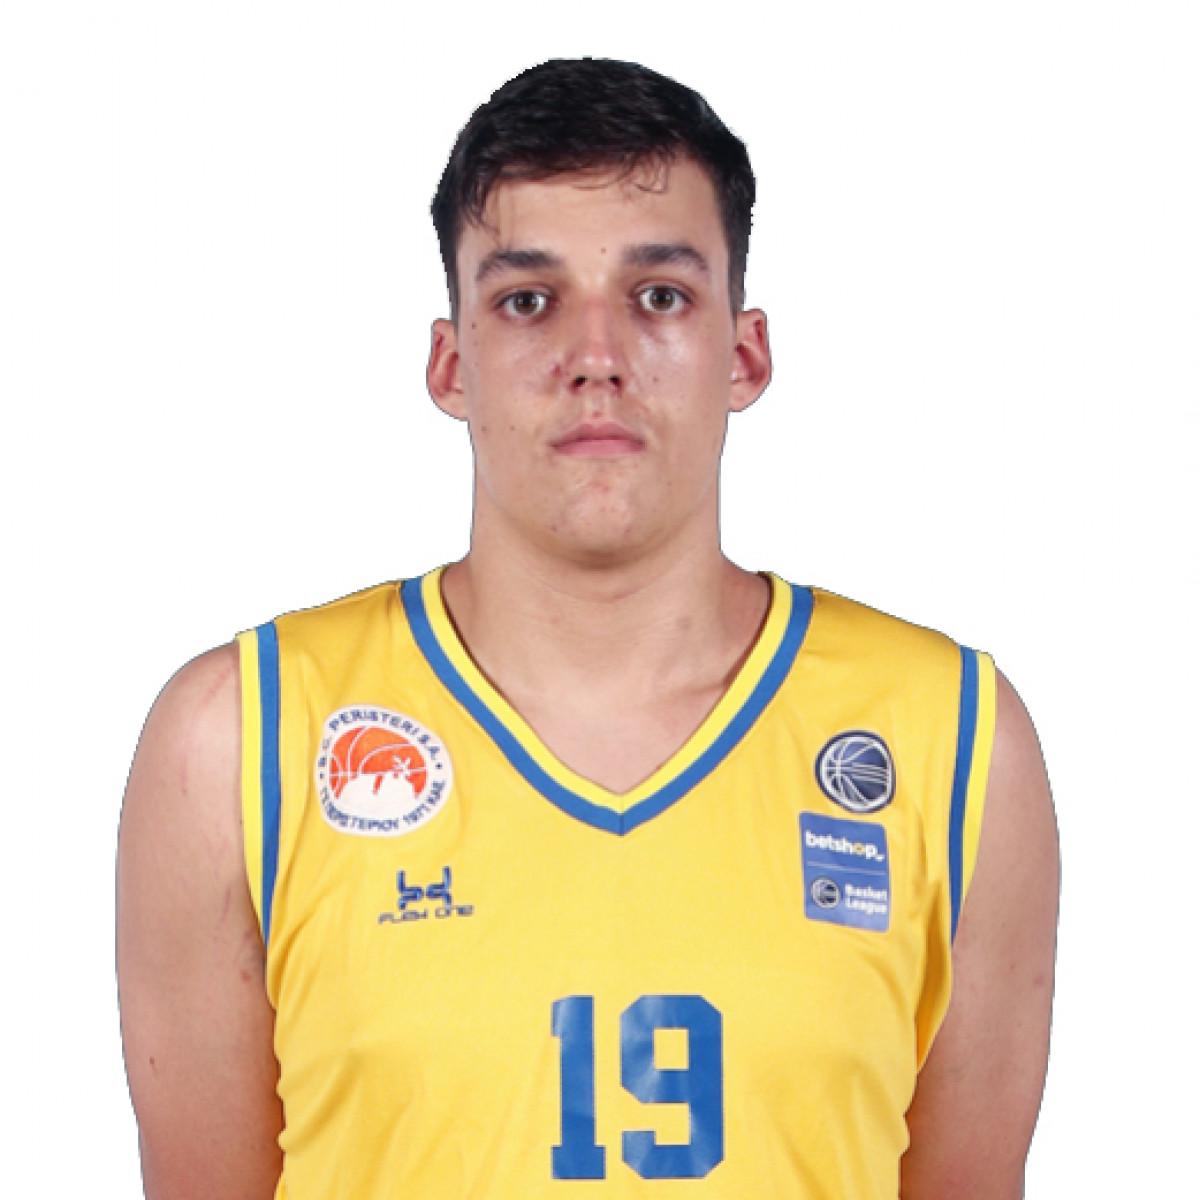 Photo of Konstantinos Kadras, 2018-2019 season